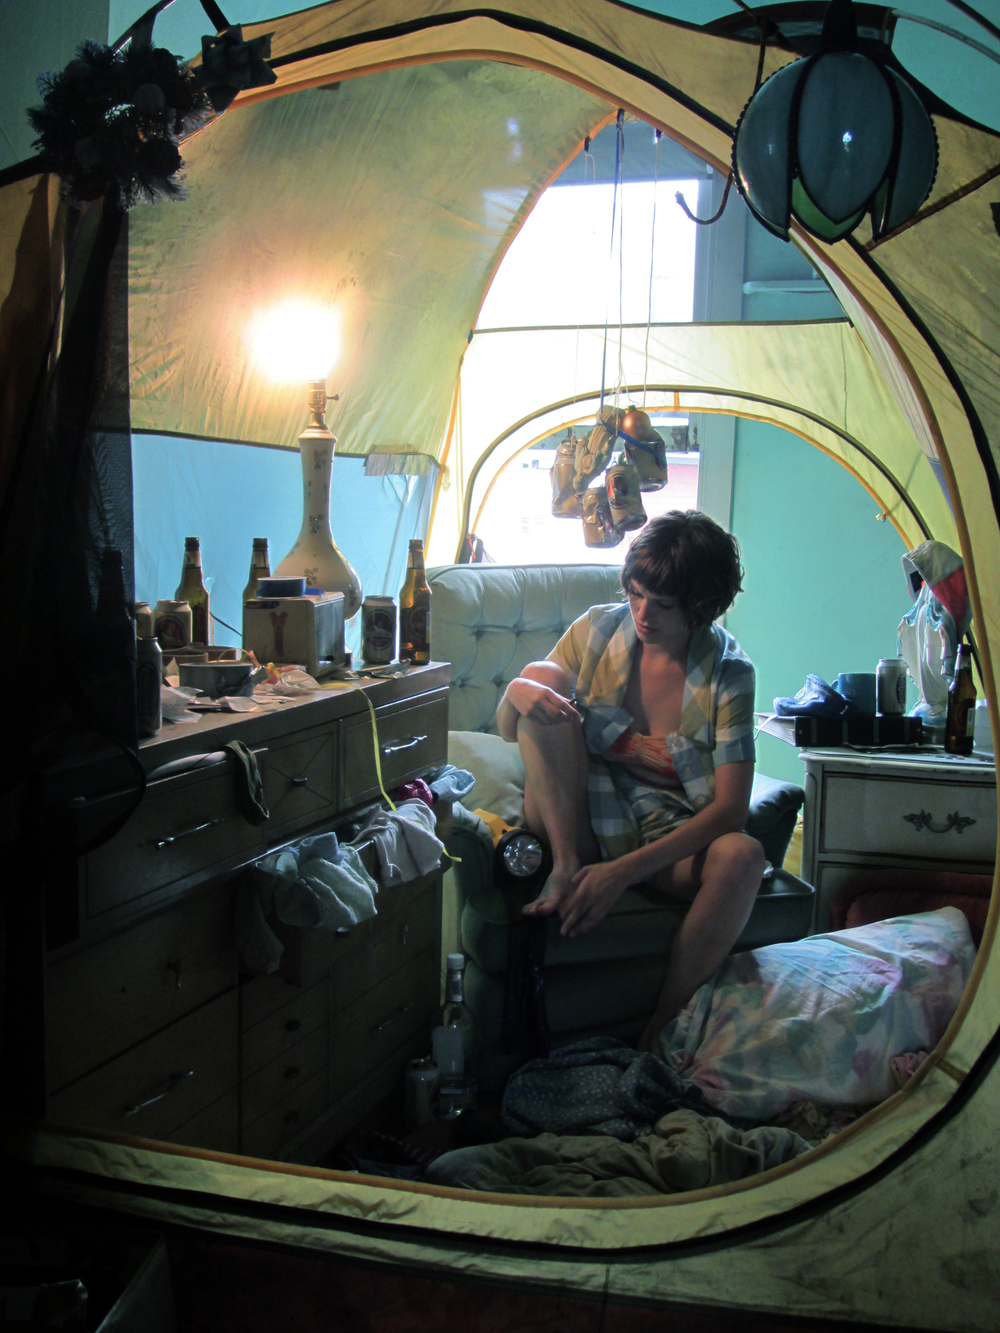 irene tent wide 72.jpg